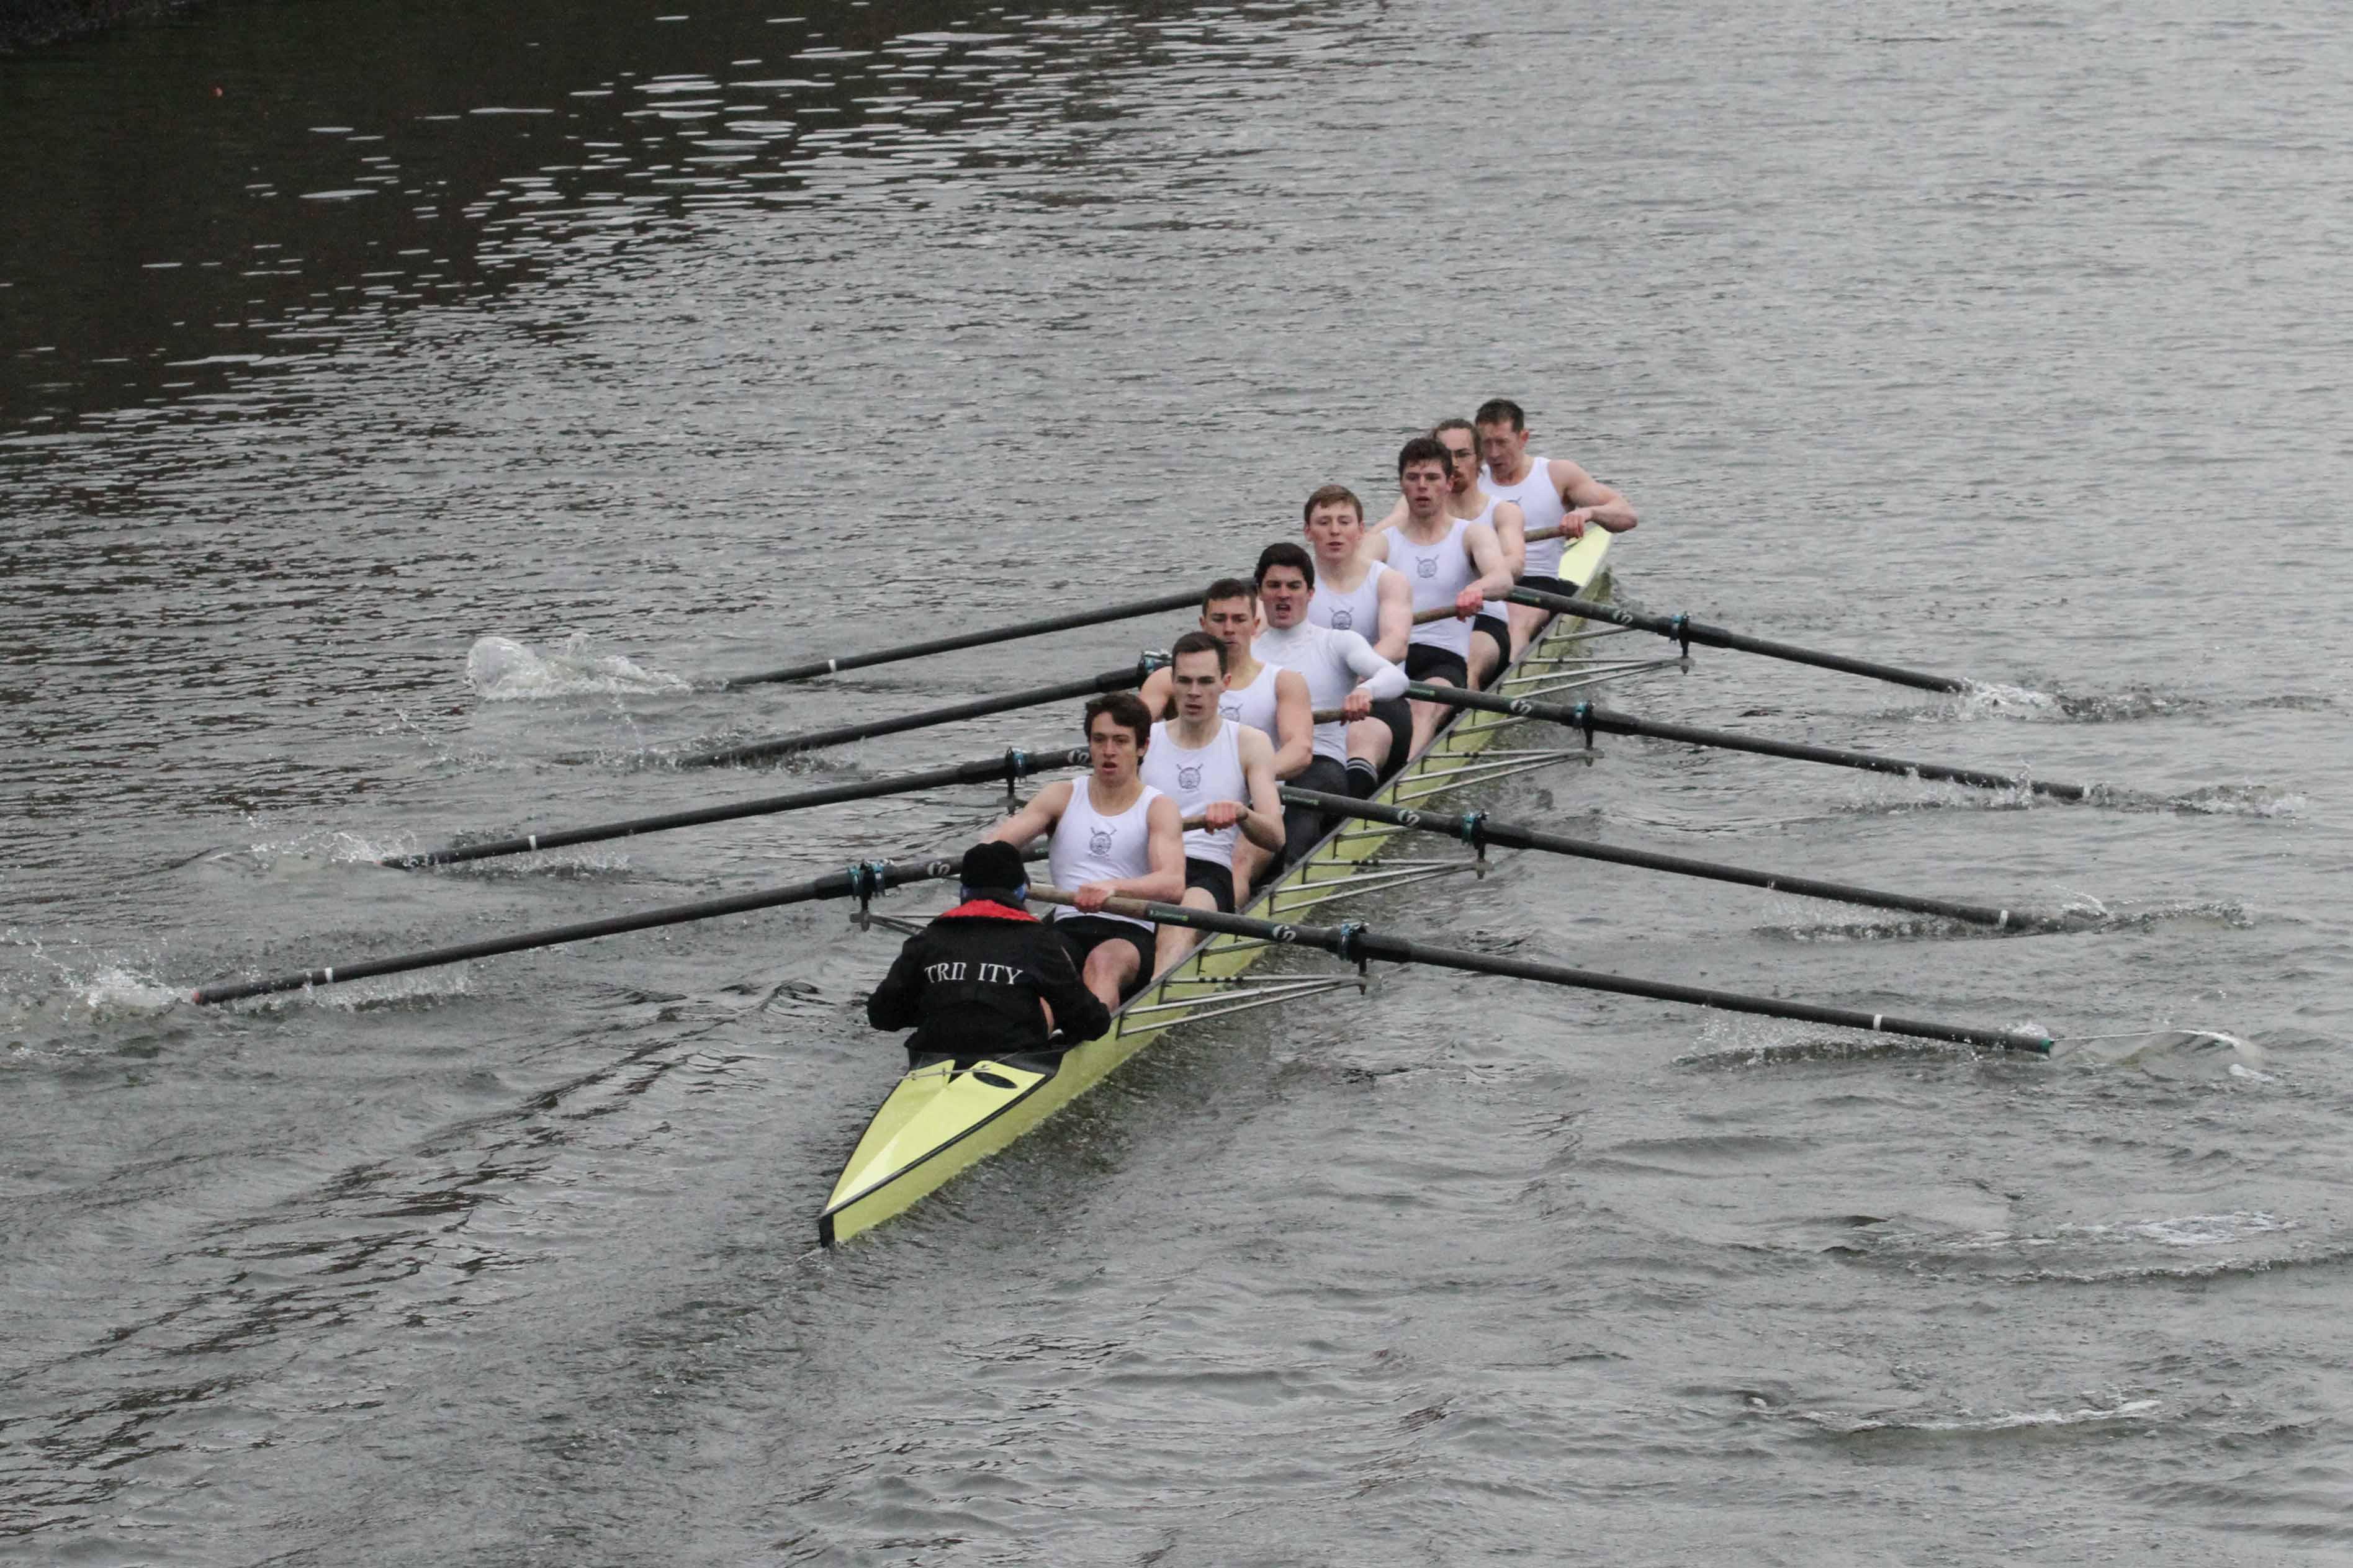 The winning Dan Quinn crew- Bow: J. Redmond, R. Dullagh, J. Gavin, D.  Healy, C. MacGuinness, C. DeCourcy, D. Pierse, Stk: A. Merle, Cox: A. O' Donnell